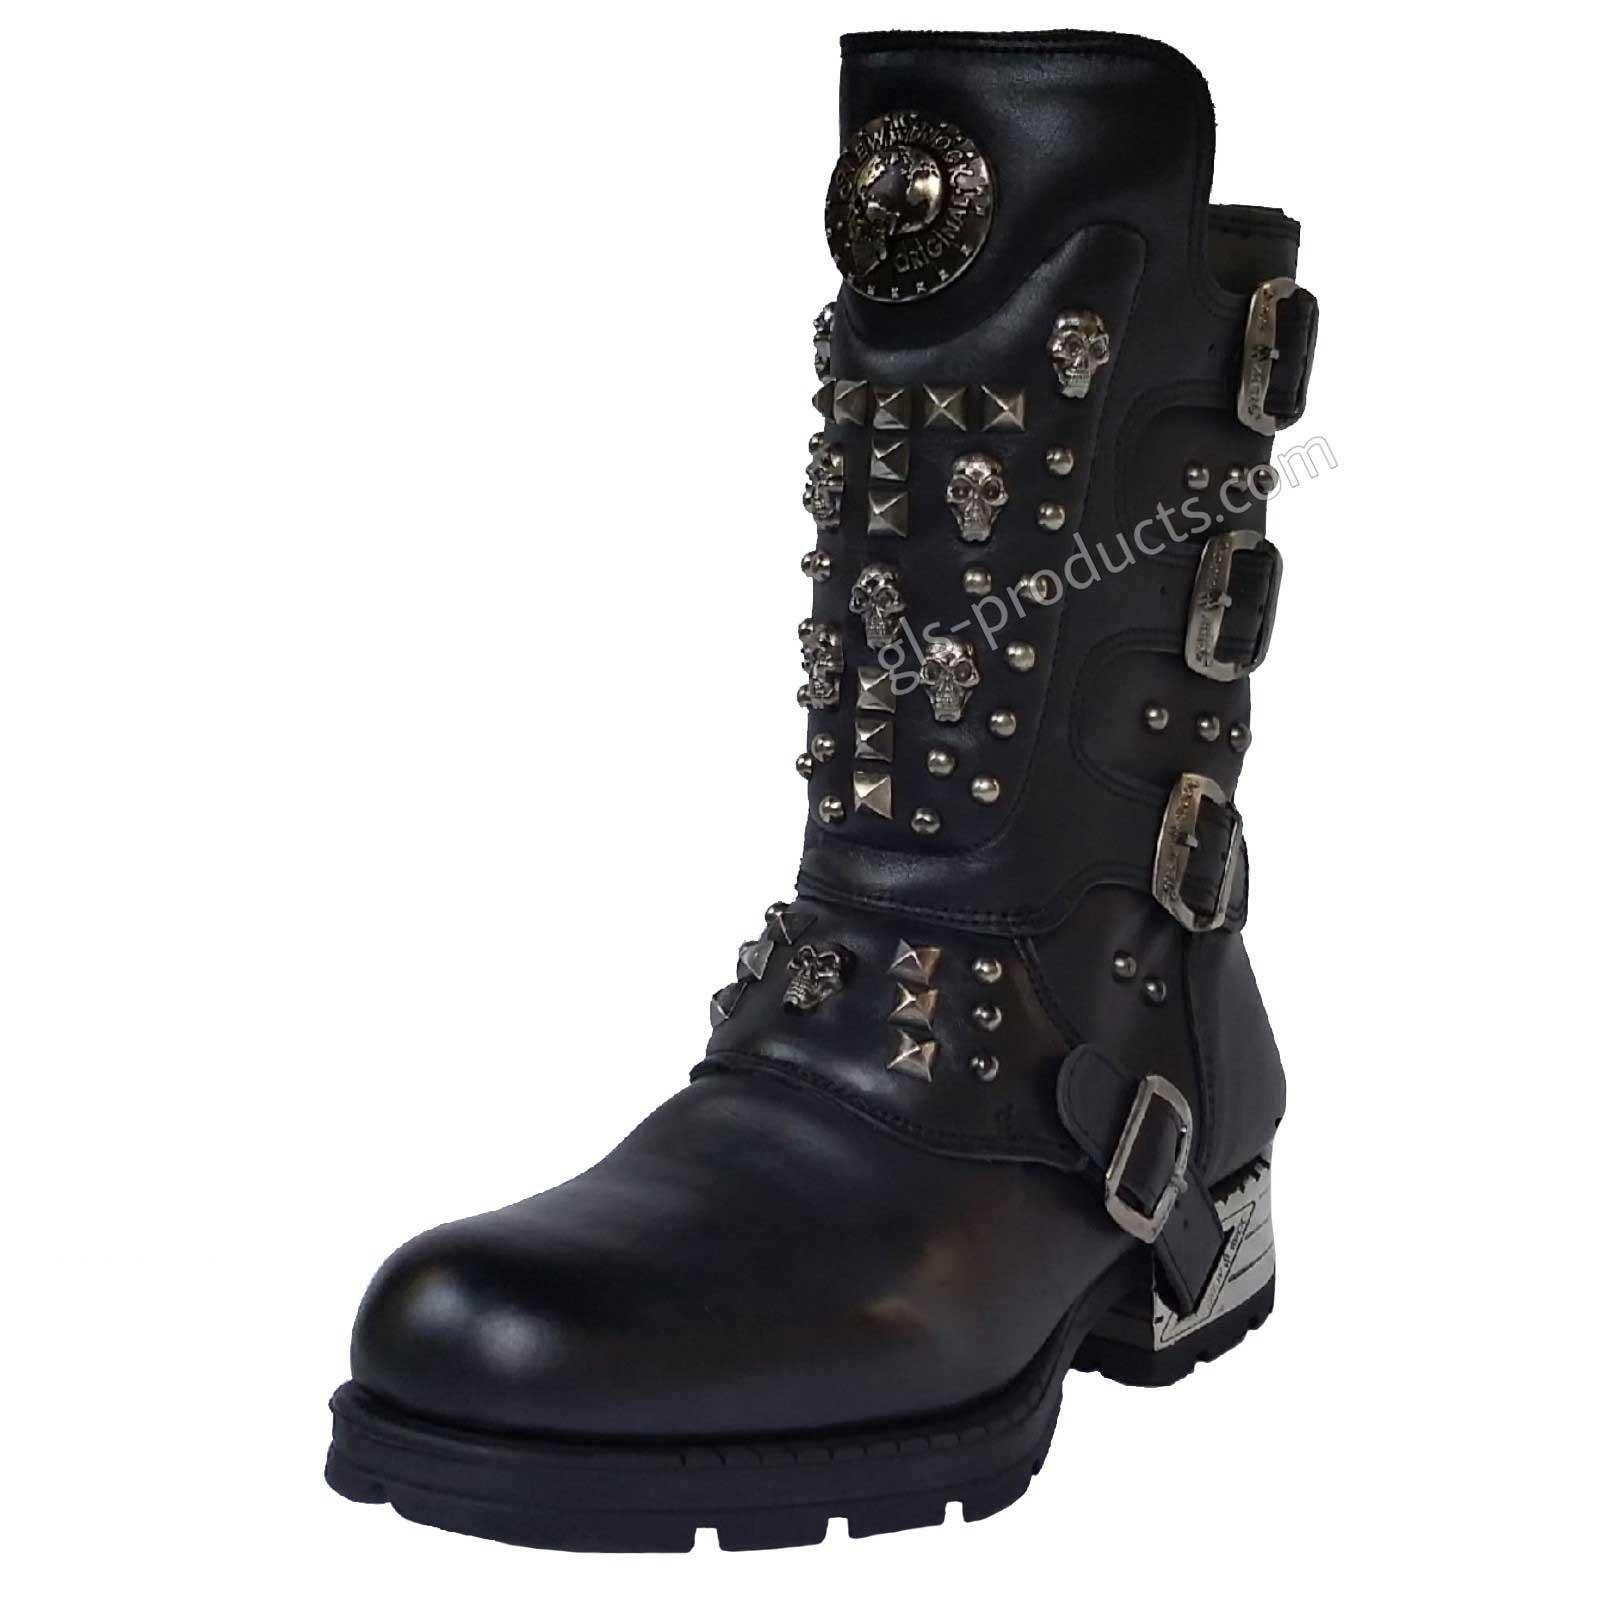 0276b711505b New Rock Engineer Boots MR019 mit Nieten und Skulls